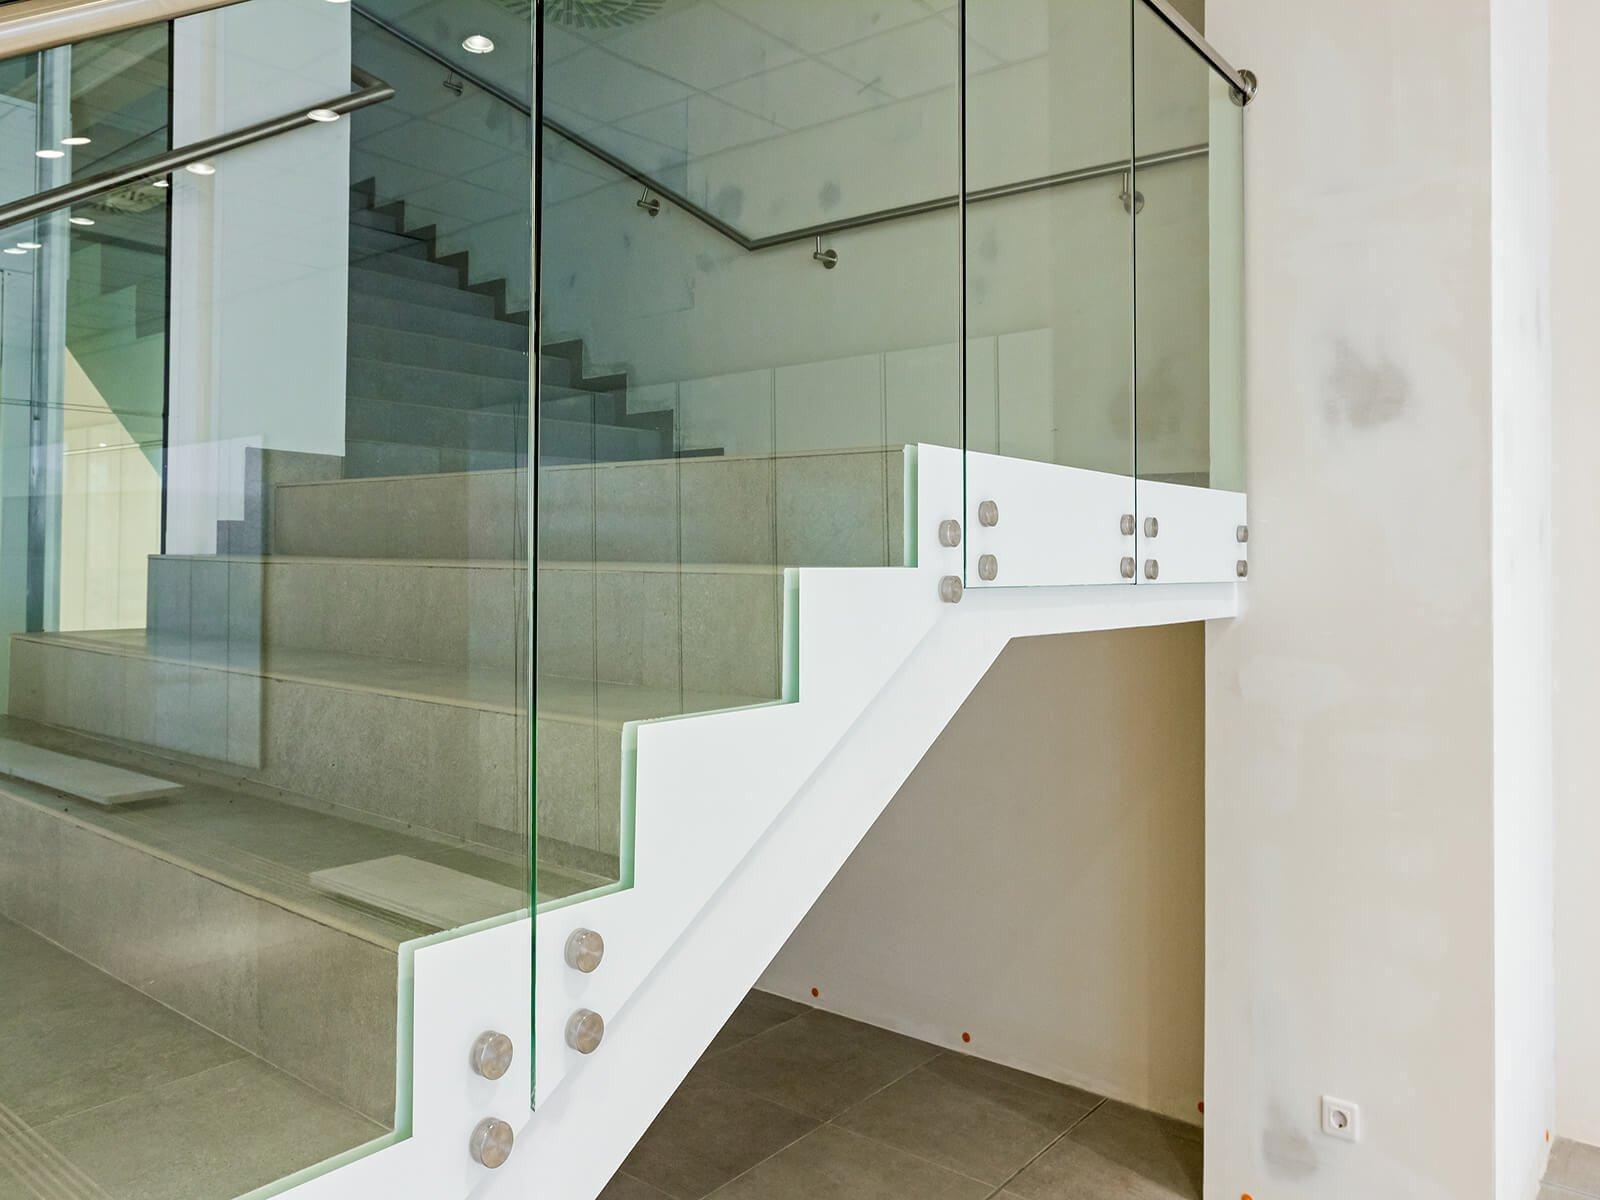 Glasbruestung SOLO die ideale Loesung um Treppen mit einem Gelaender zu sichern